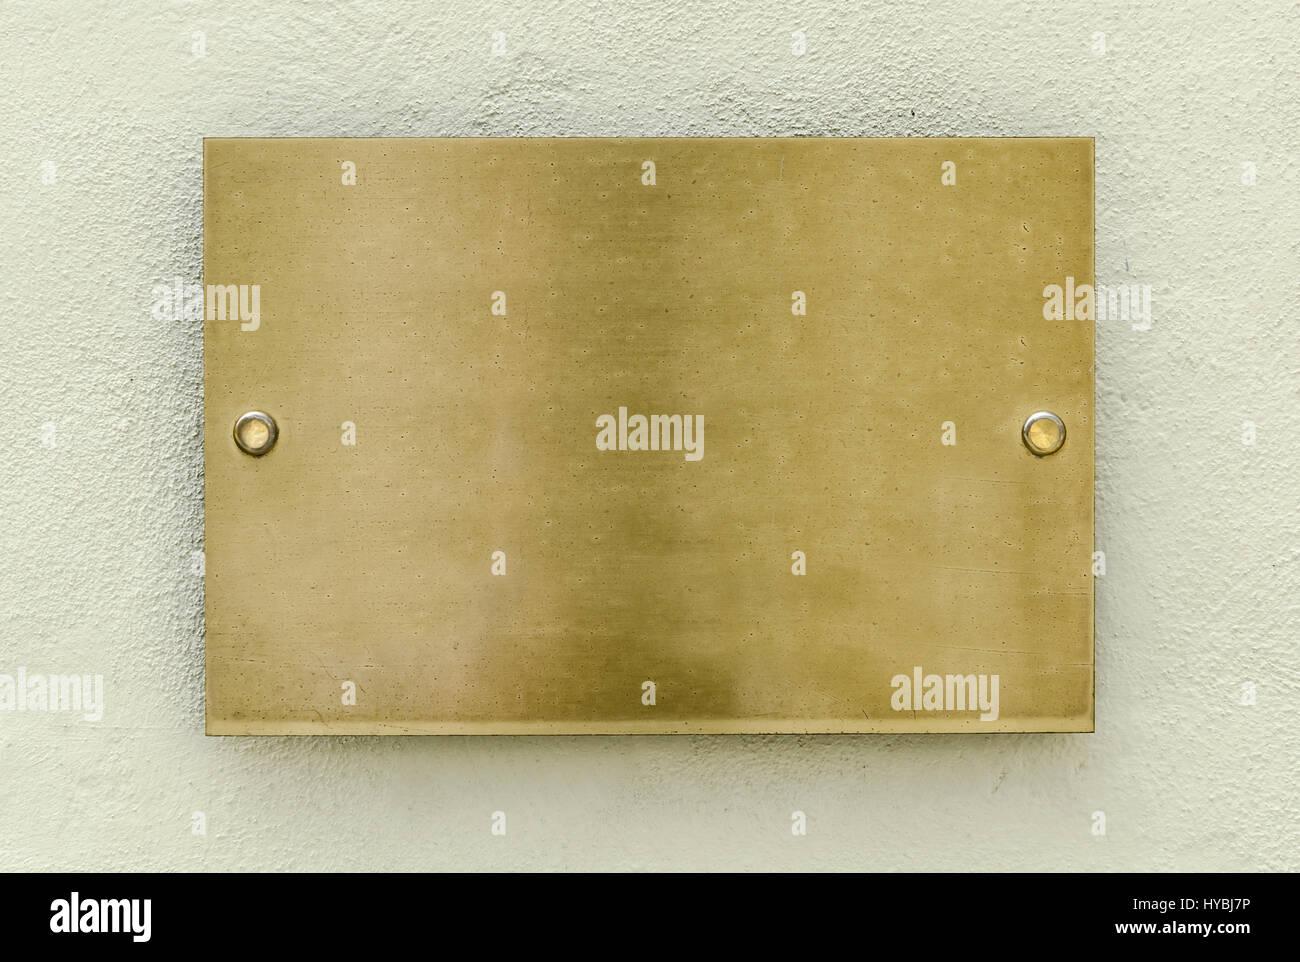 Parete Doro : La placca doro su una parete per il tuo sfondo foto & immagine